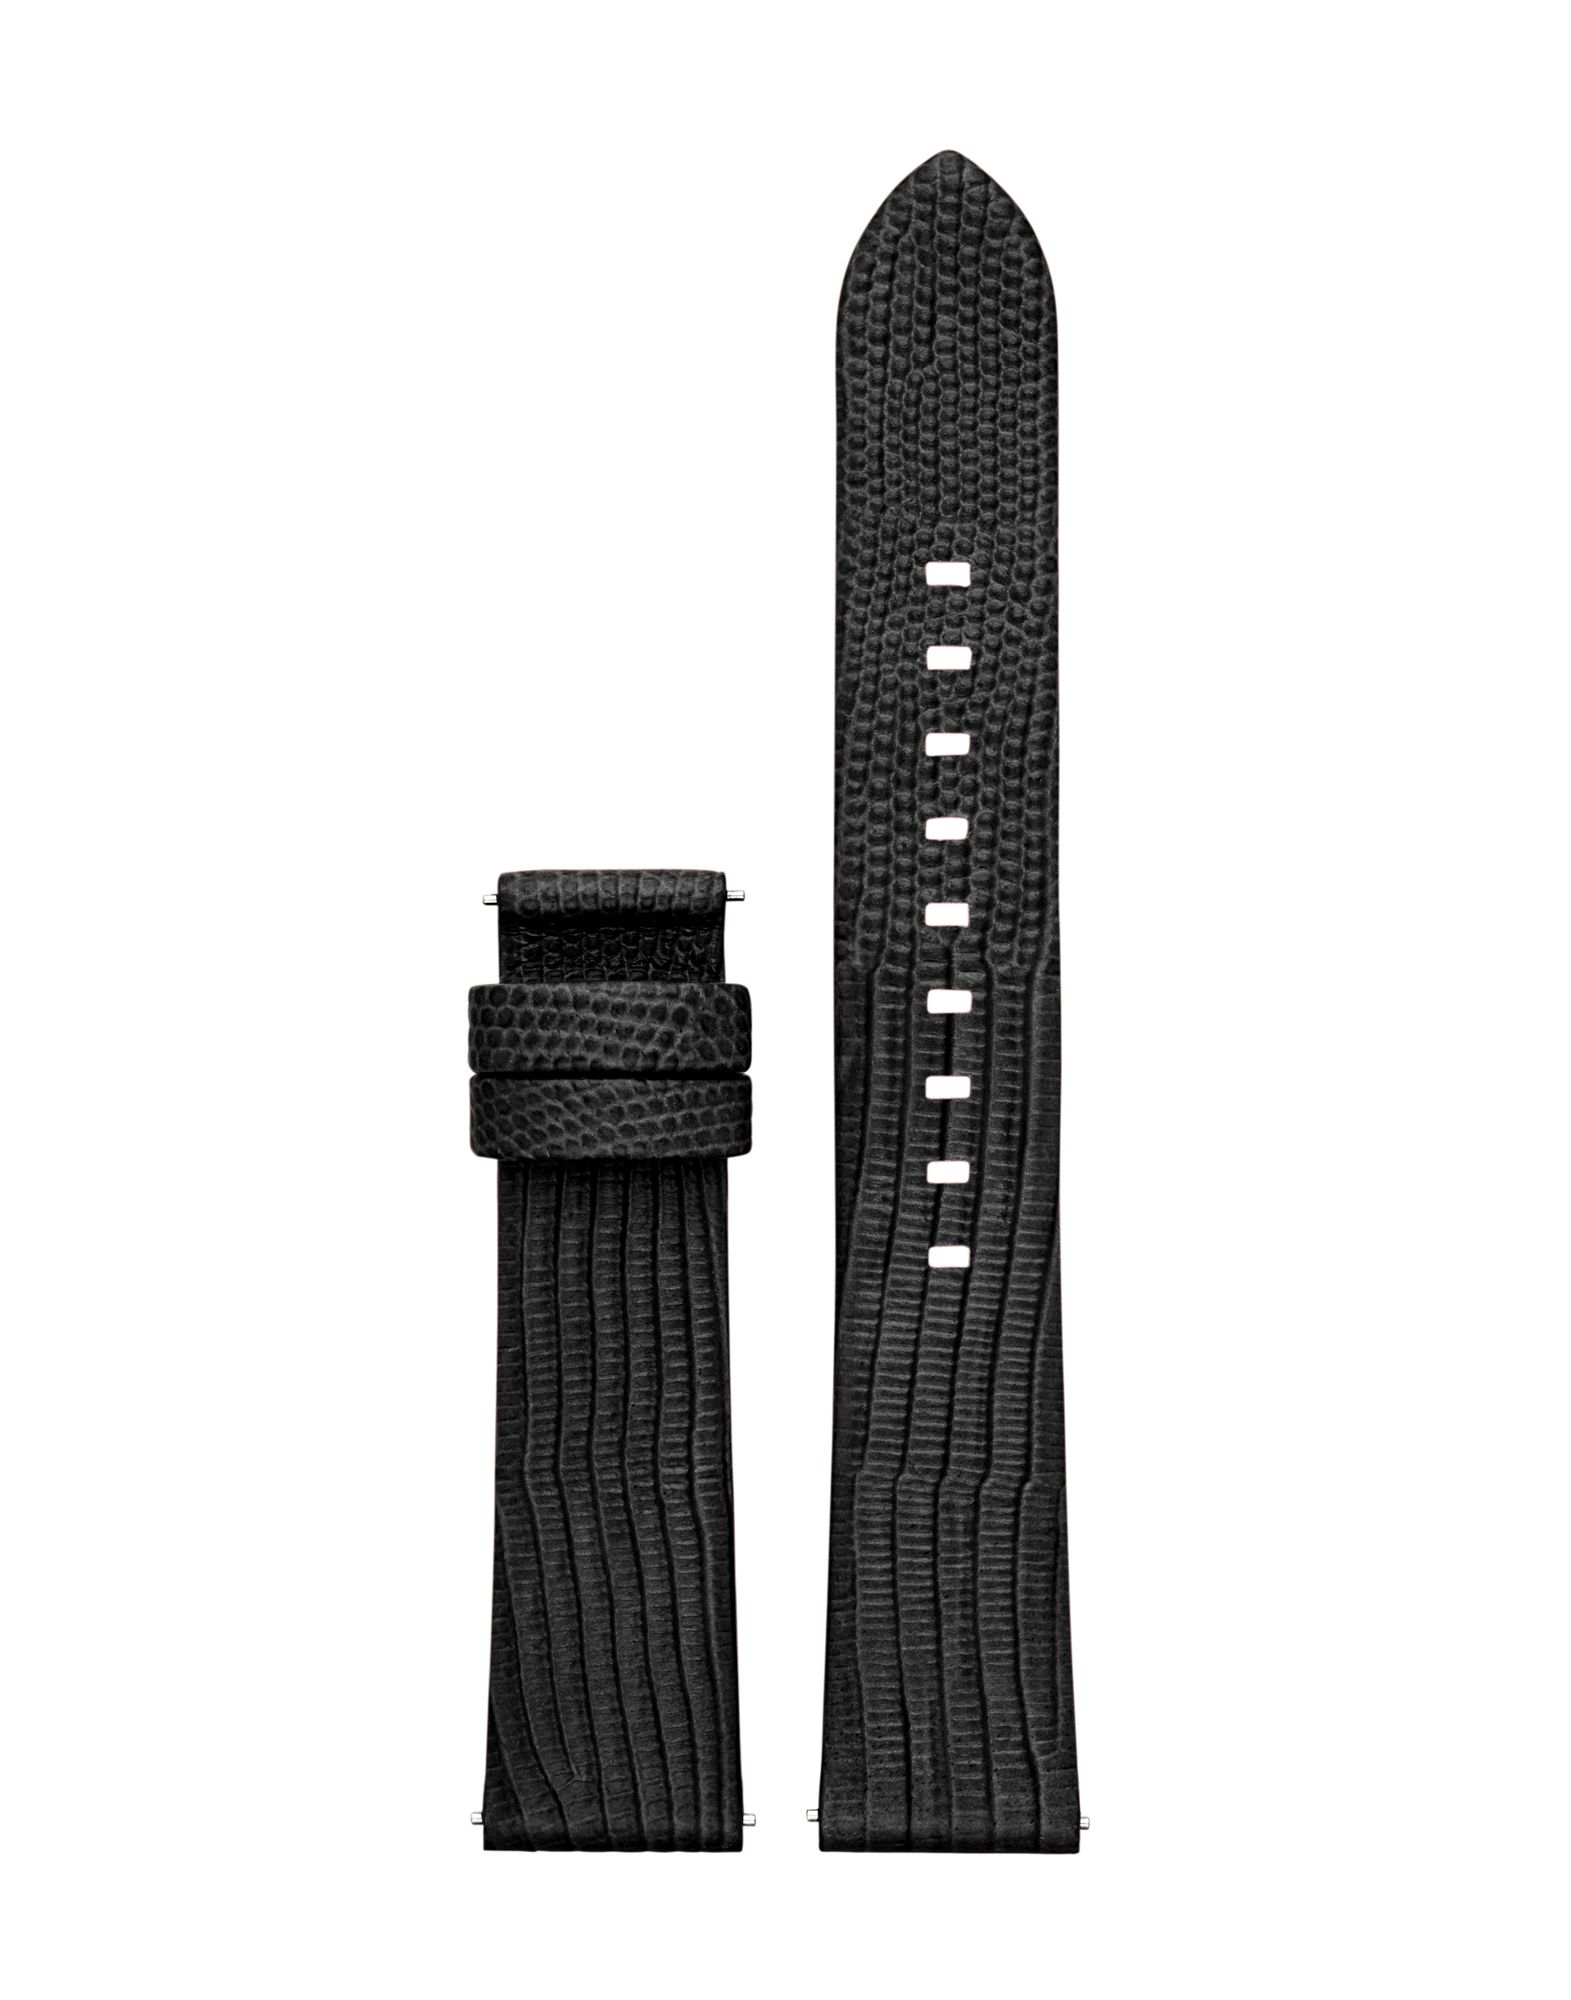 《送料無料》MICHAEL KORS ACCESS レディース 時計用アクセサリー ダークパープル 革